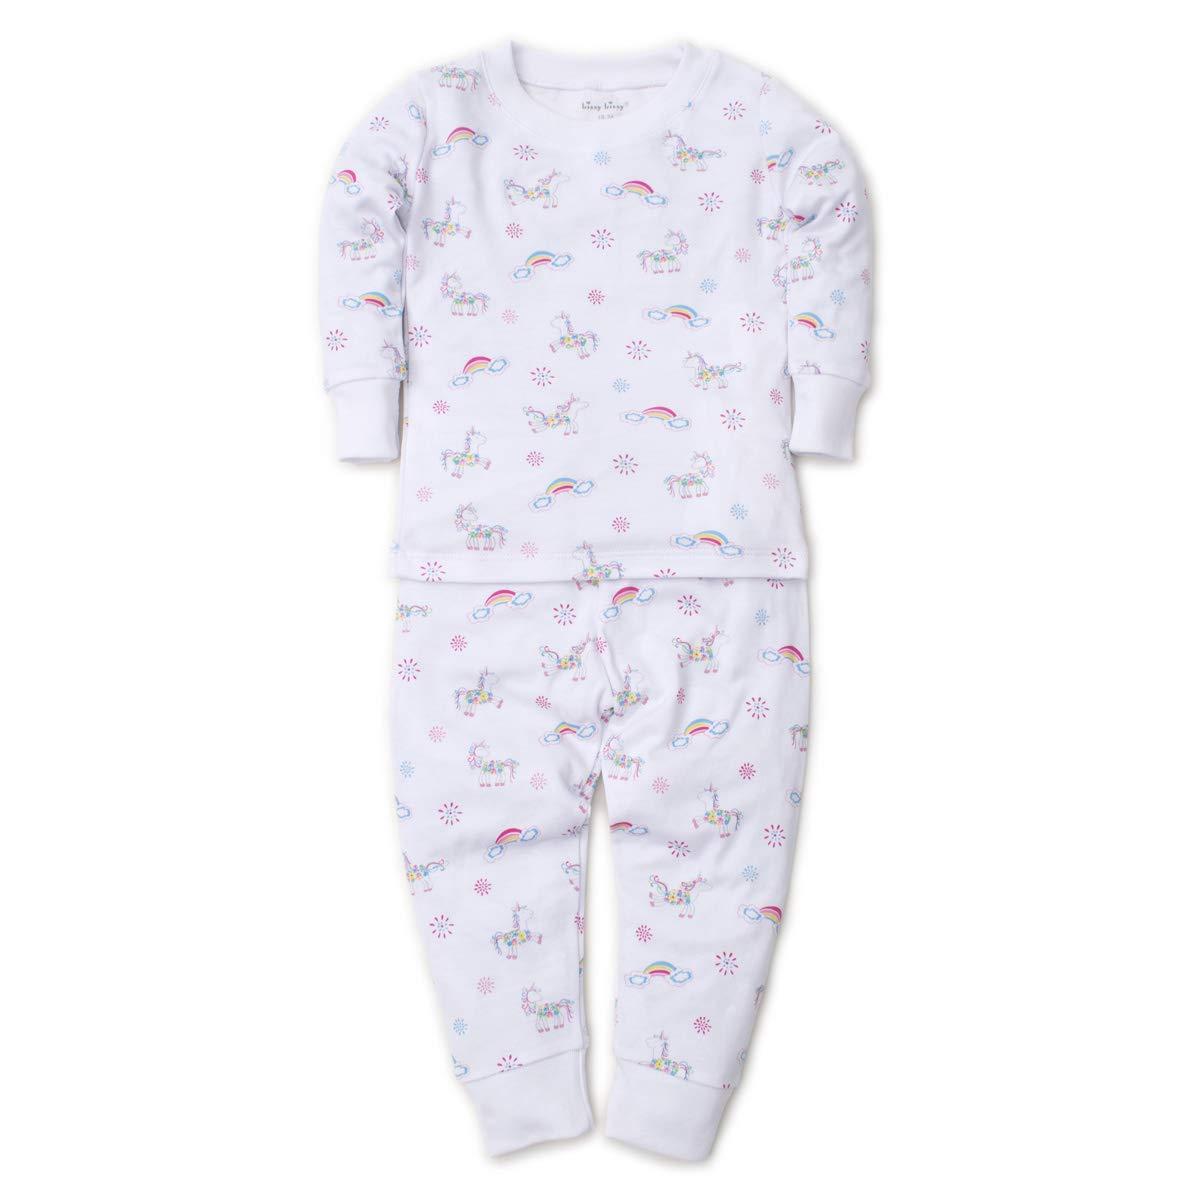 Kissy Kissy Baby Girls Rainbow Unicorns - Print Pajama Set - Snug Fit-6 by Kissy Kissy